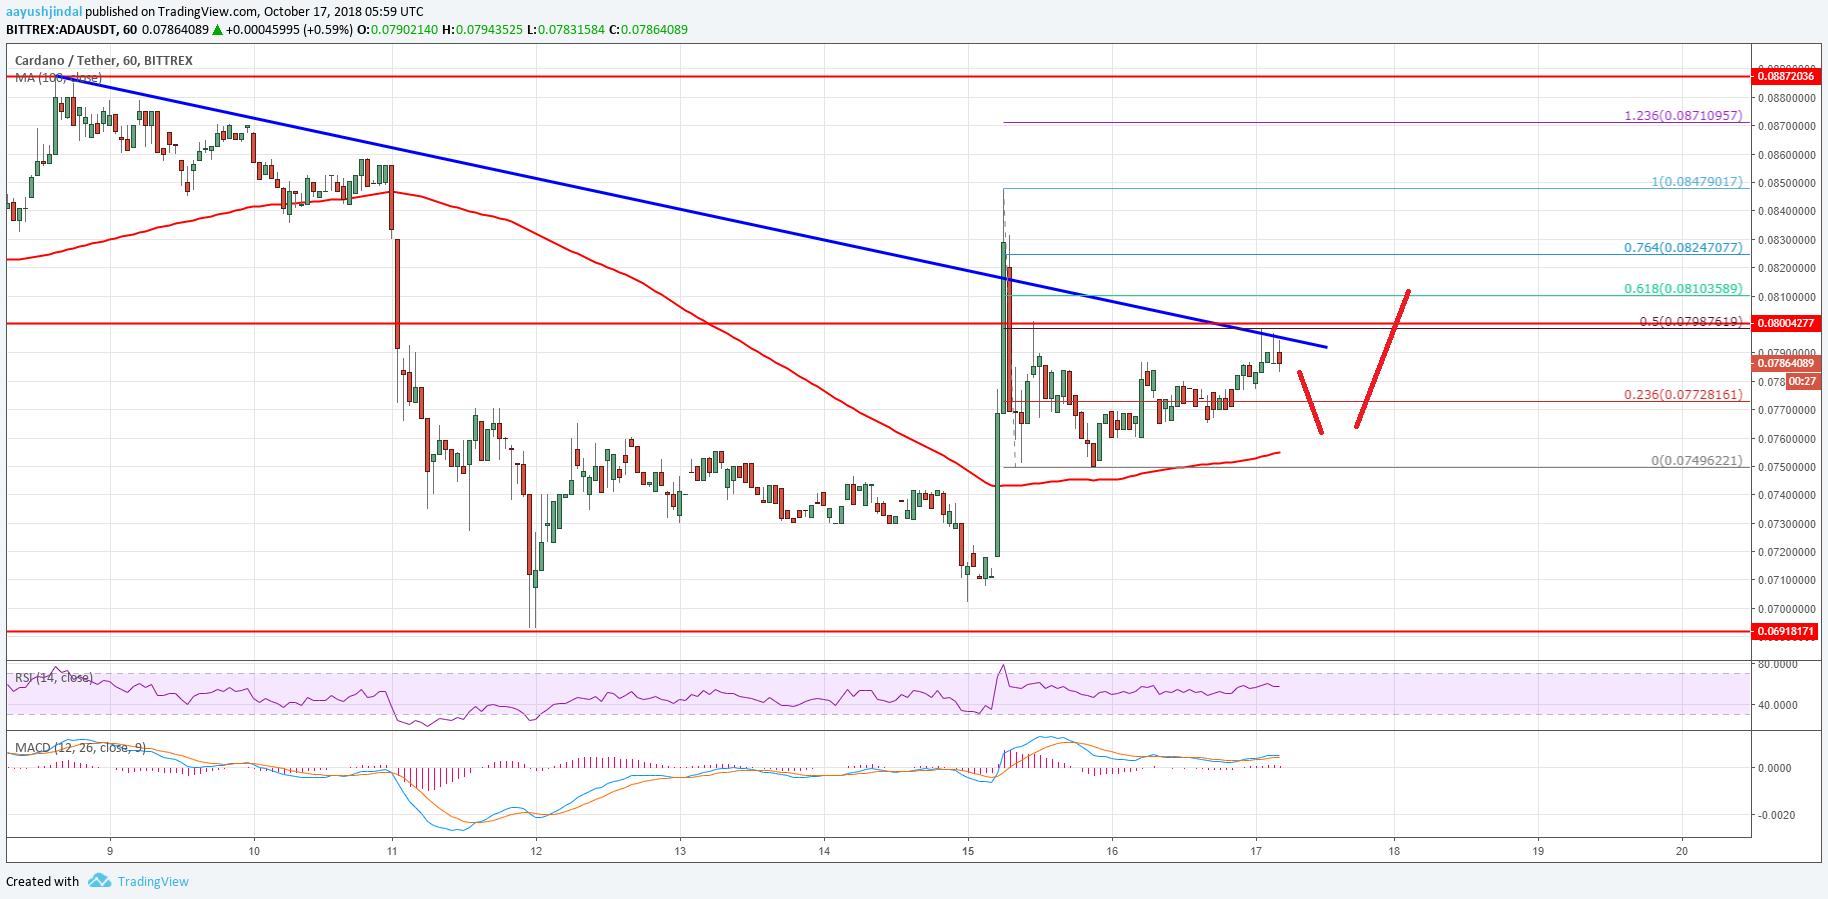 Cardano Price Analysis ADA Chart